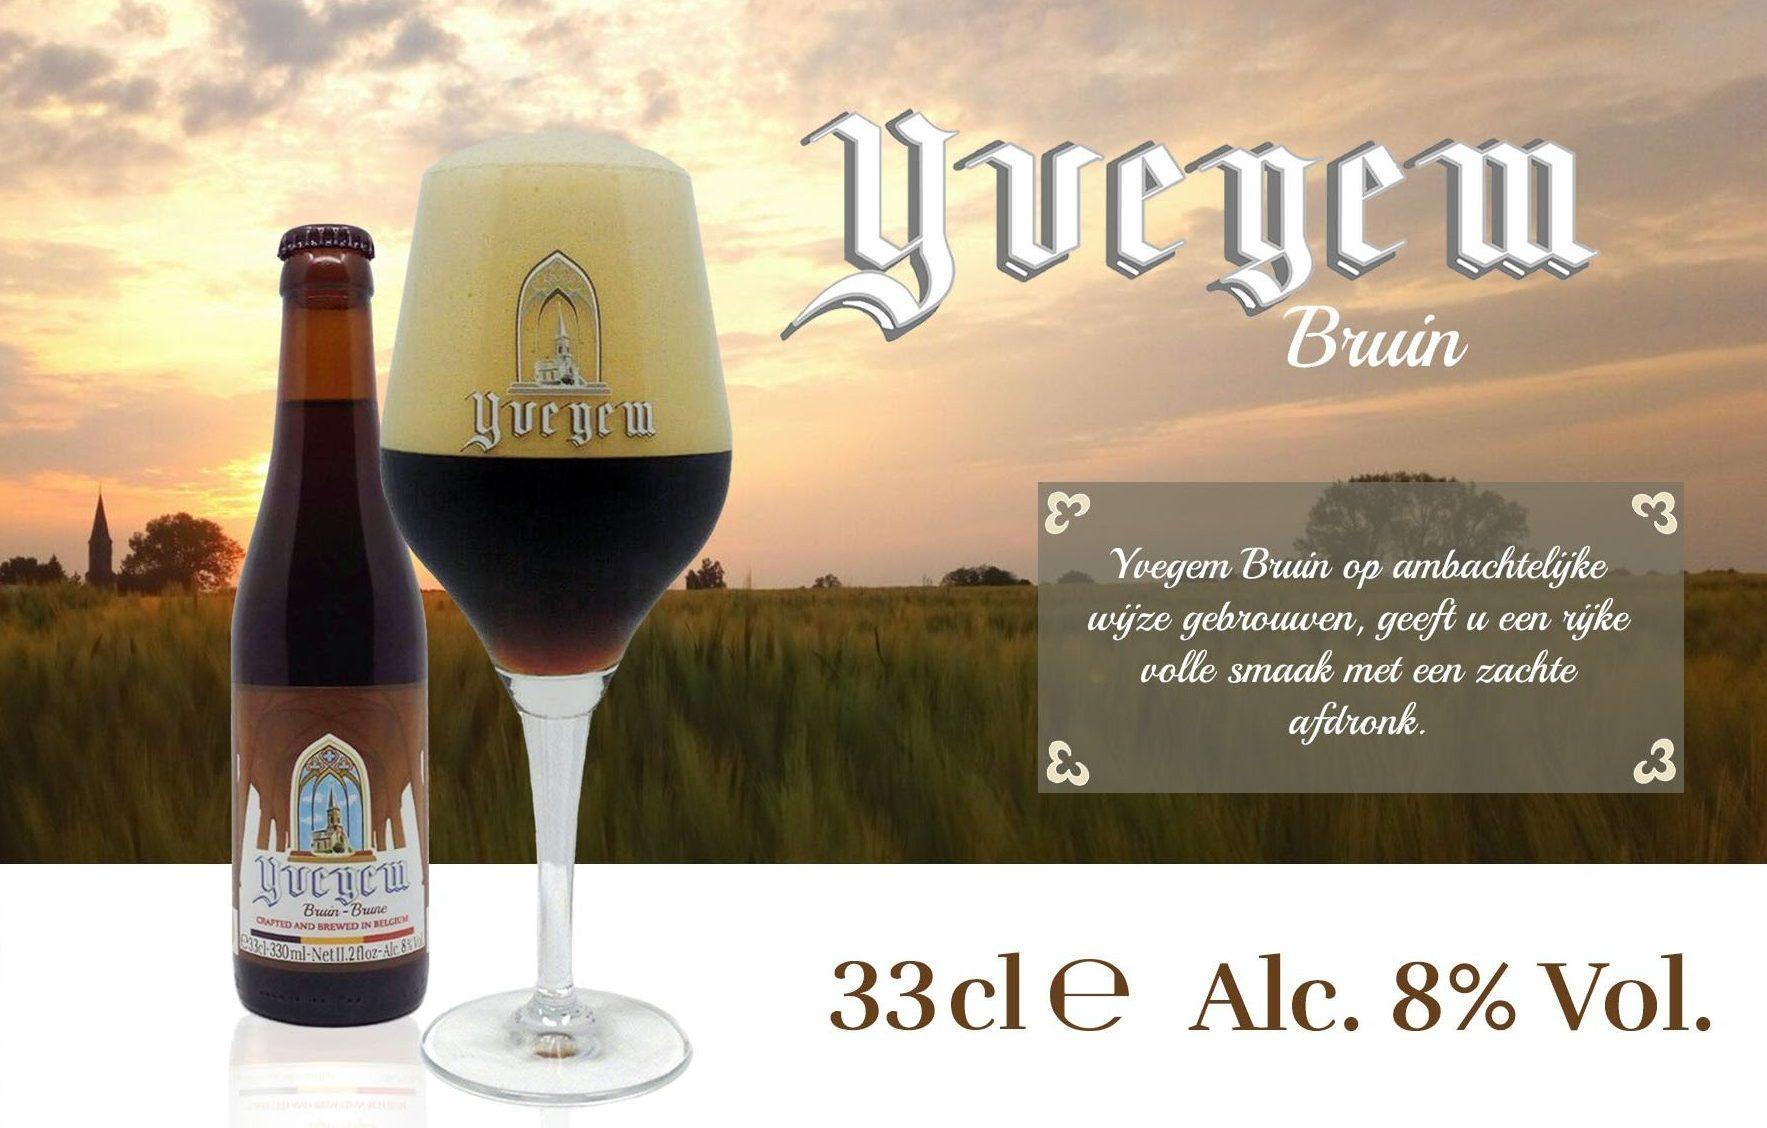 belgabrew yvegem bruin Belgian craft beer